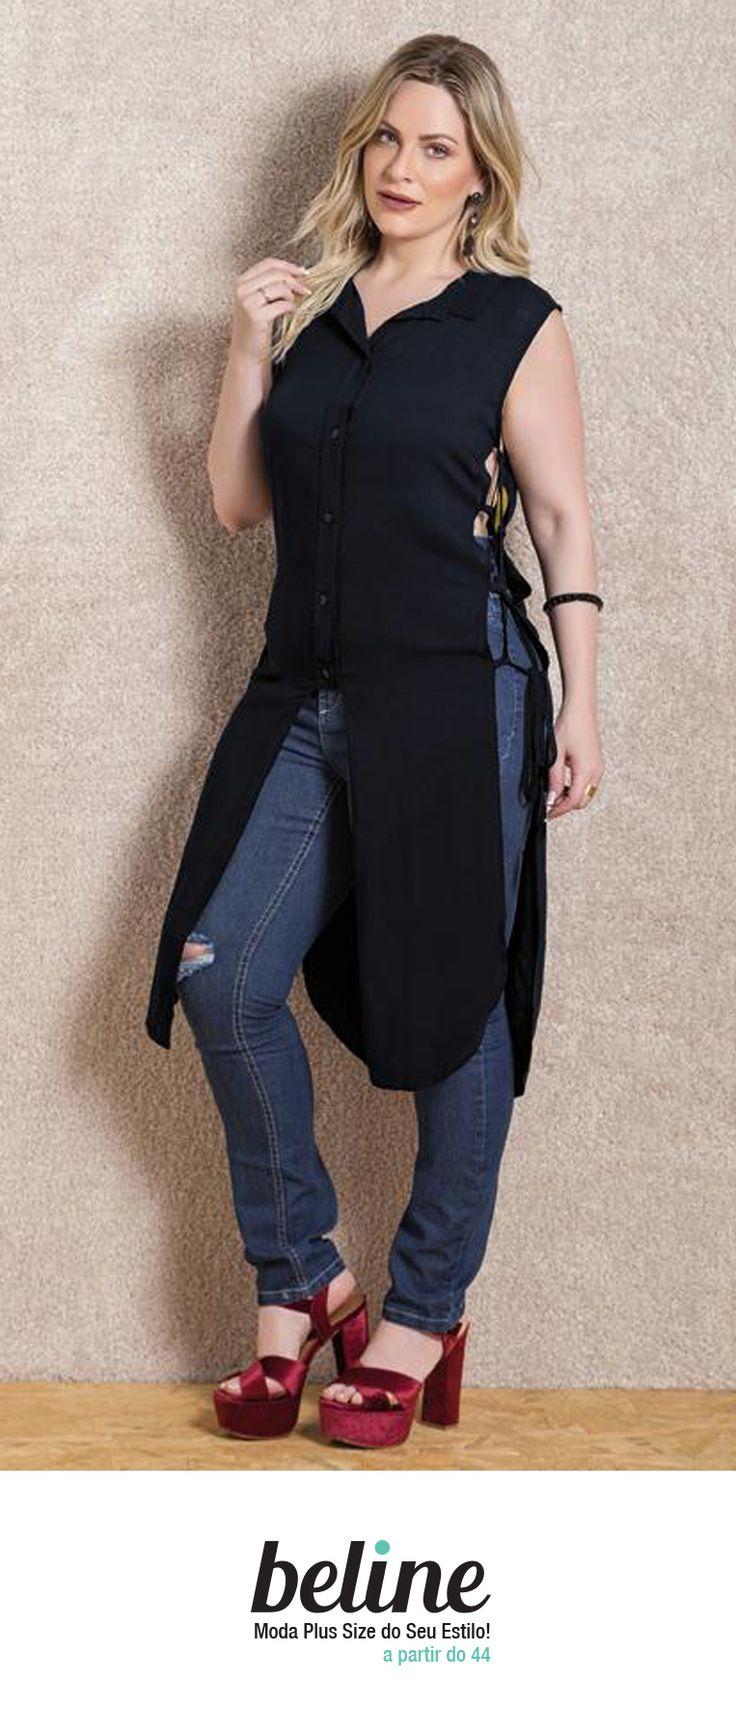 Uma peça que nunca sai de moda é a camisa de manga curta. Ela é versátil e pode ser usada no inverno e no verão. Combina com várias peças formando looks diferentes e pode ser usada em diversas ocasiões. Confira as camisas de manga curta em: https://www.beline.com.br/mulheres/blusas-camisetas/camisetas  #beline #plussize #camisaplussize #modaplussize #estiloplussize #eusouplus #meuestiloplussize